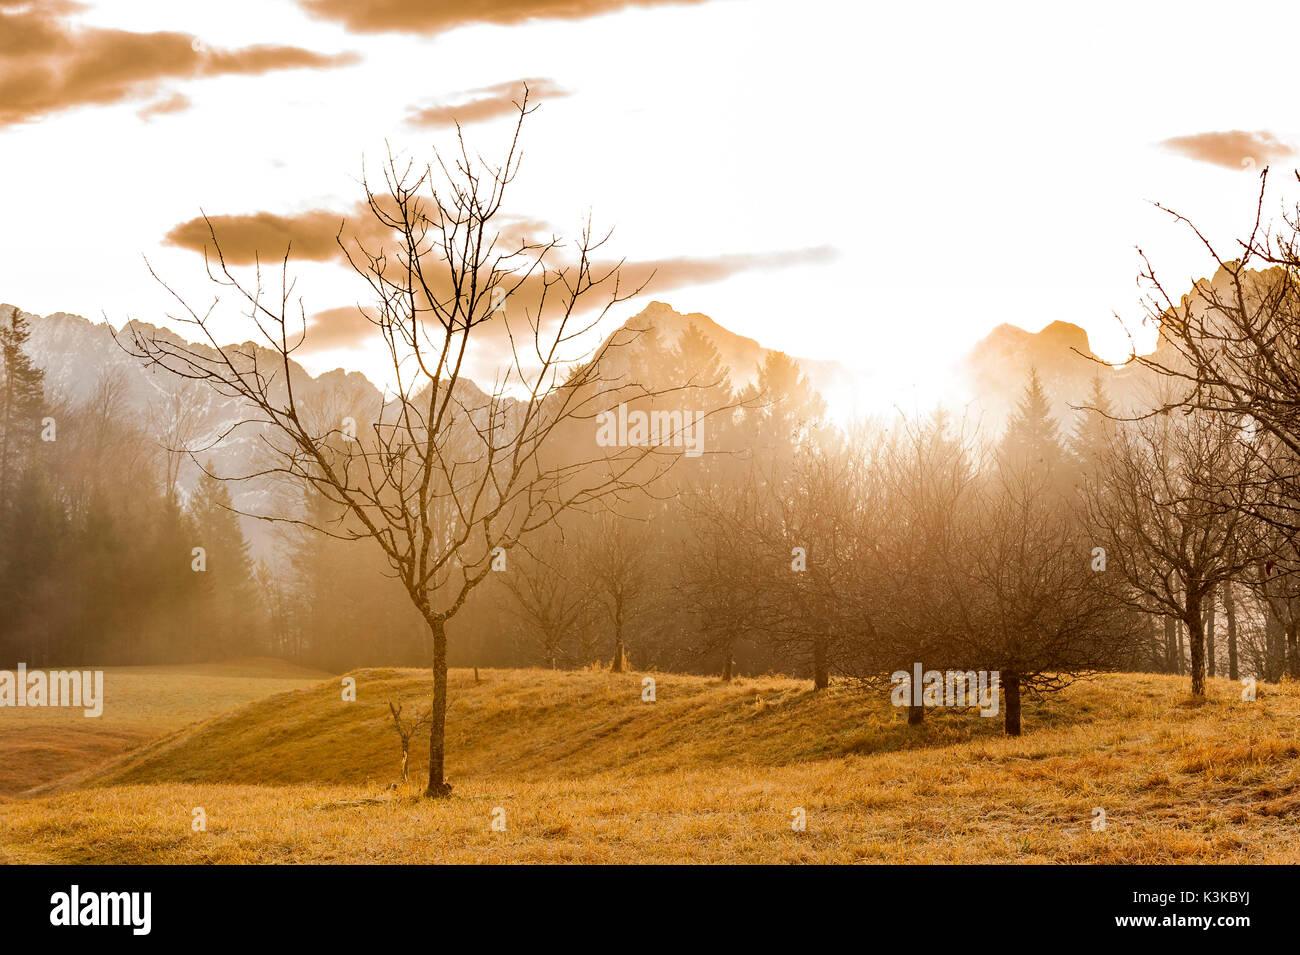 Seul arbre d'un verger prairie de la lumière de l'arrière avec violence le coucher du soleil sur les montagnes (Karwendelgebirge) avec du brouillard. Photo Stock